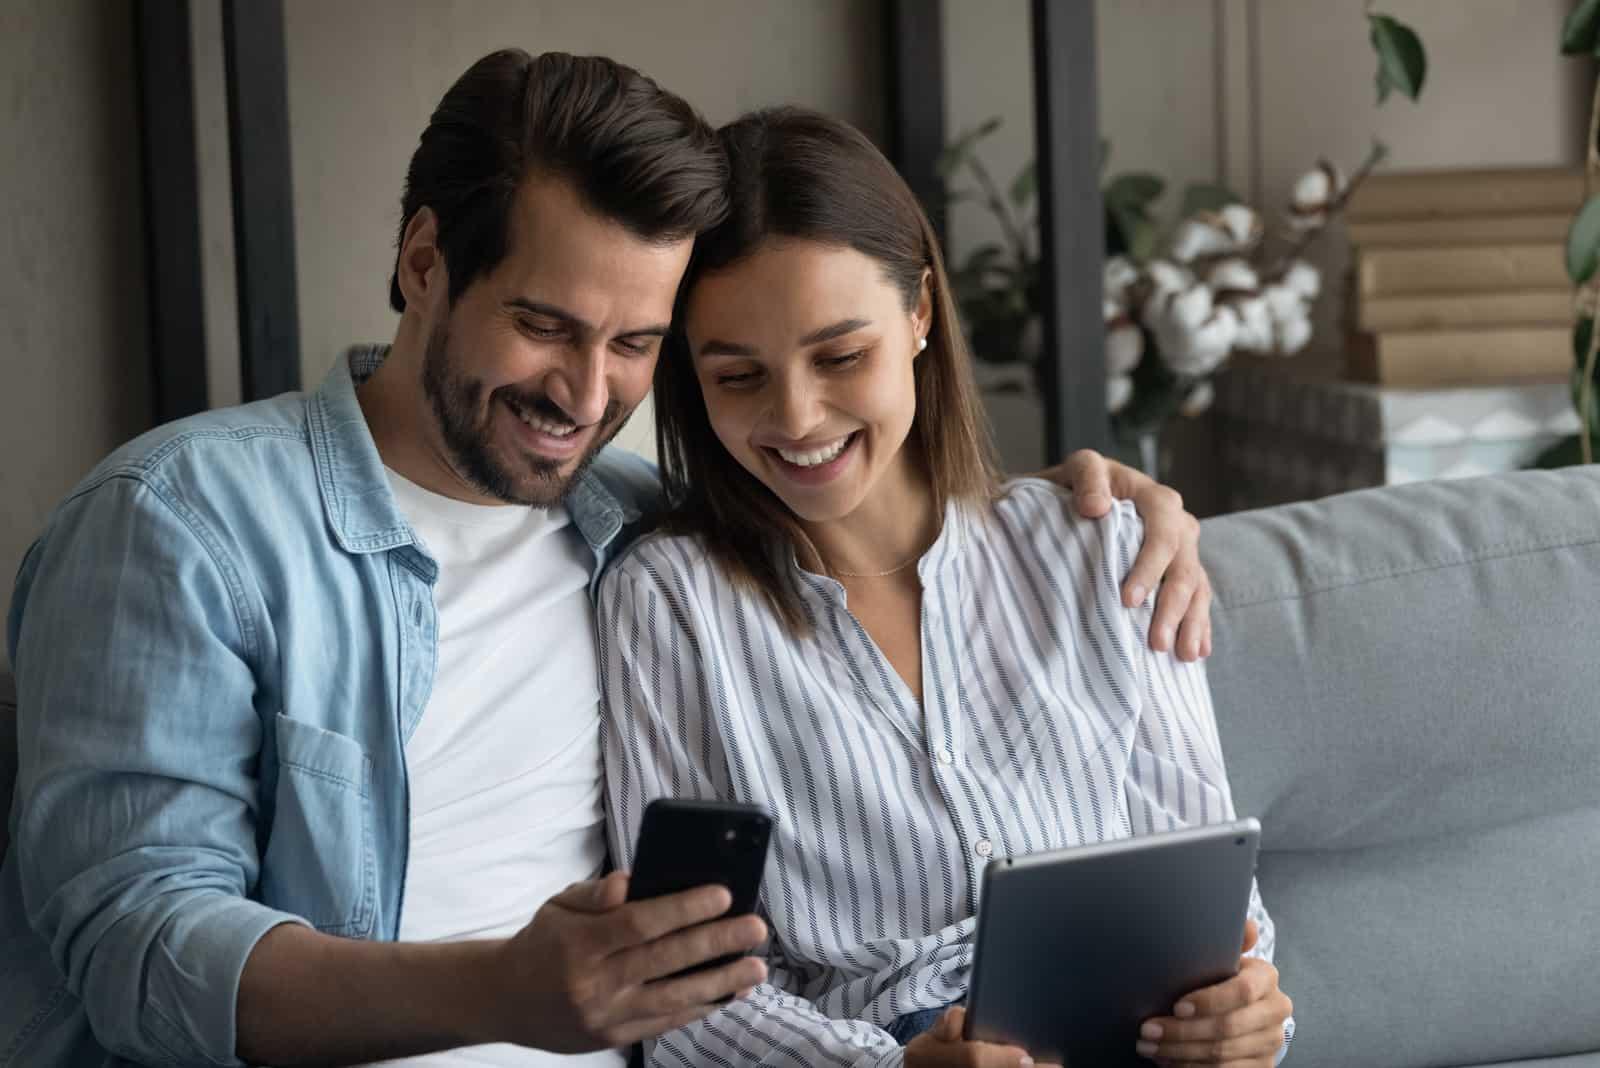 ein lächelnder mann und eine frau sitzen und schauen auf das tablet